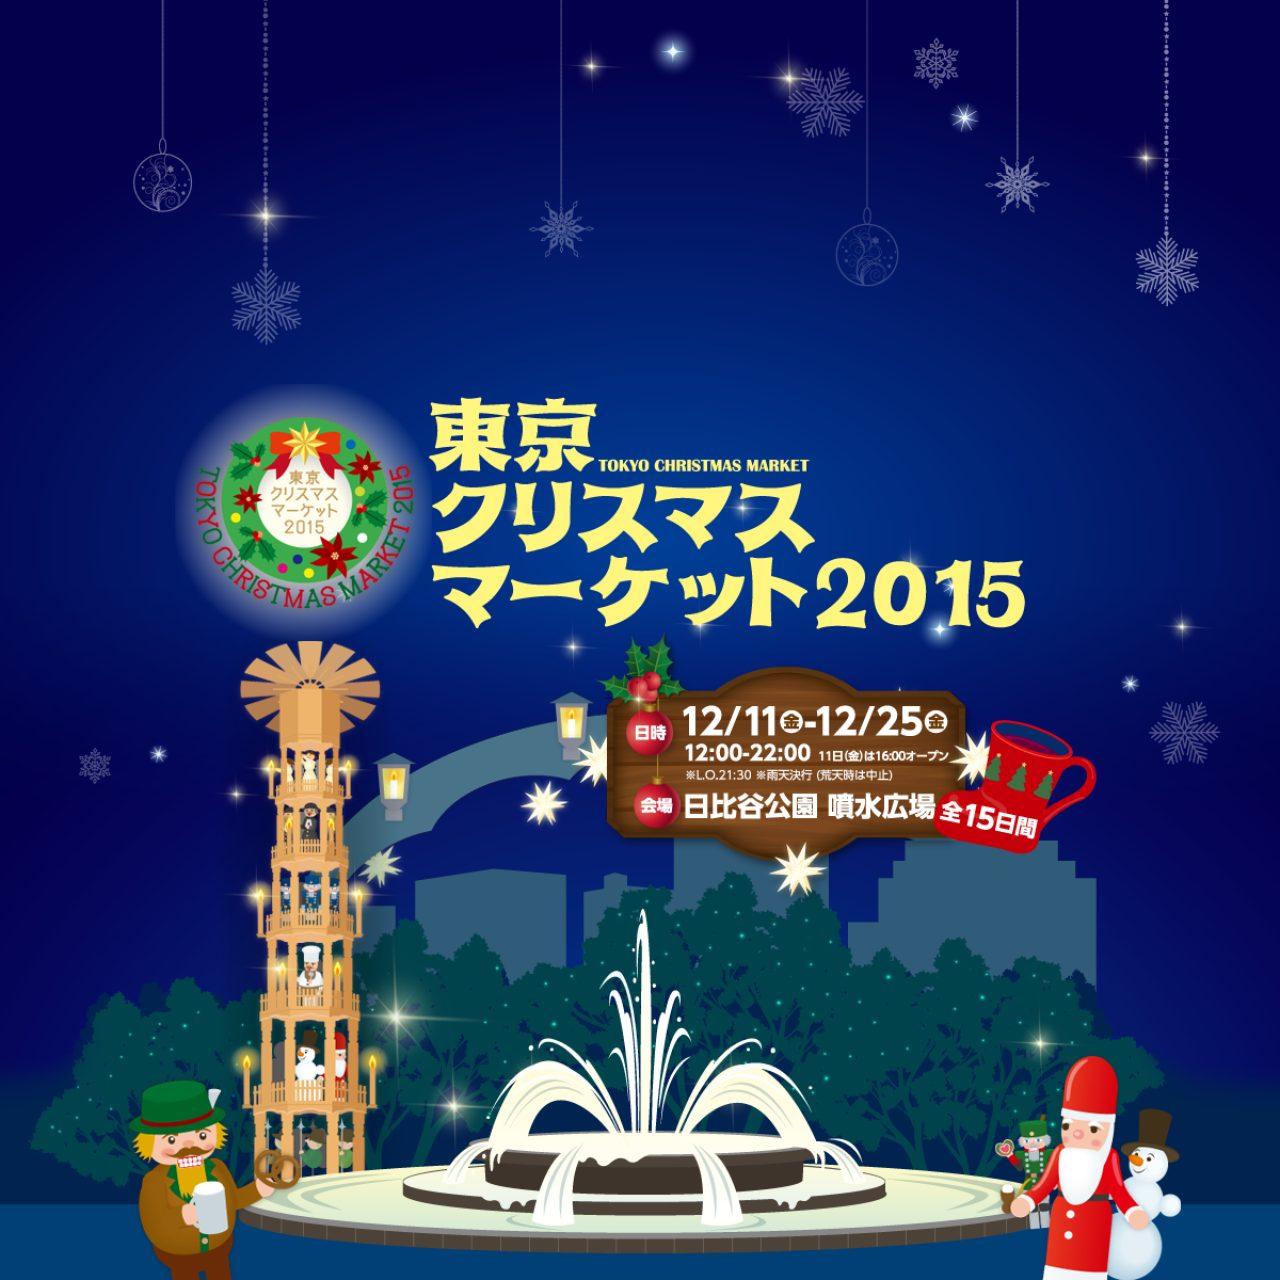 画像: 東京クリスマスマーケット2015